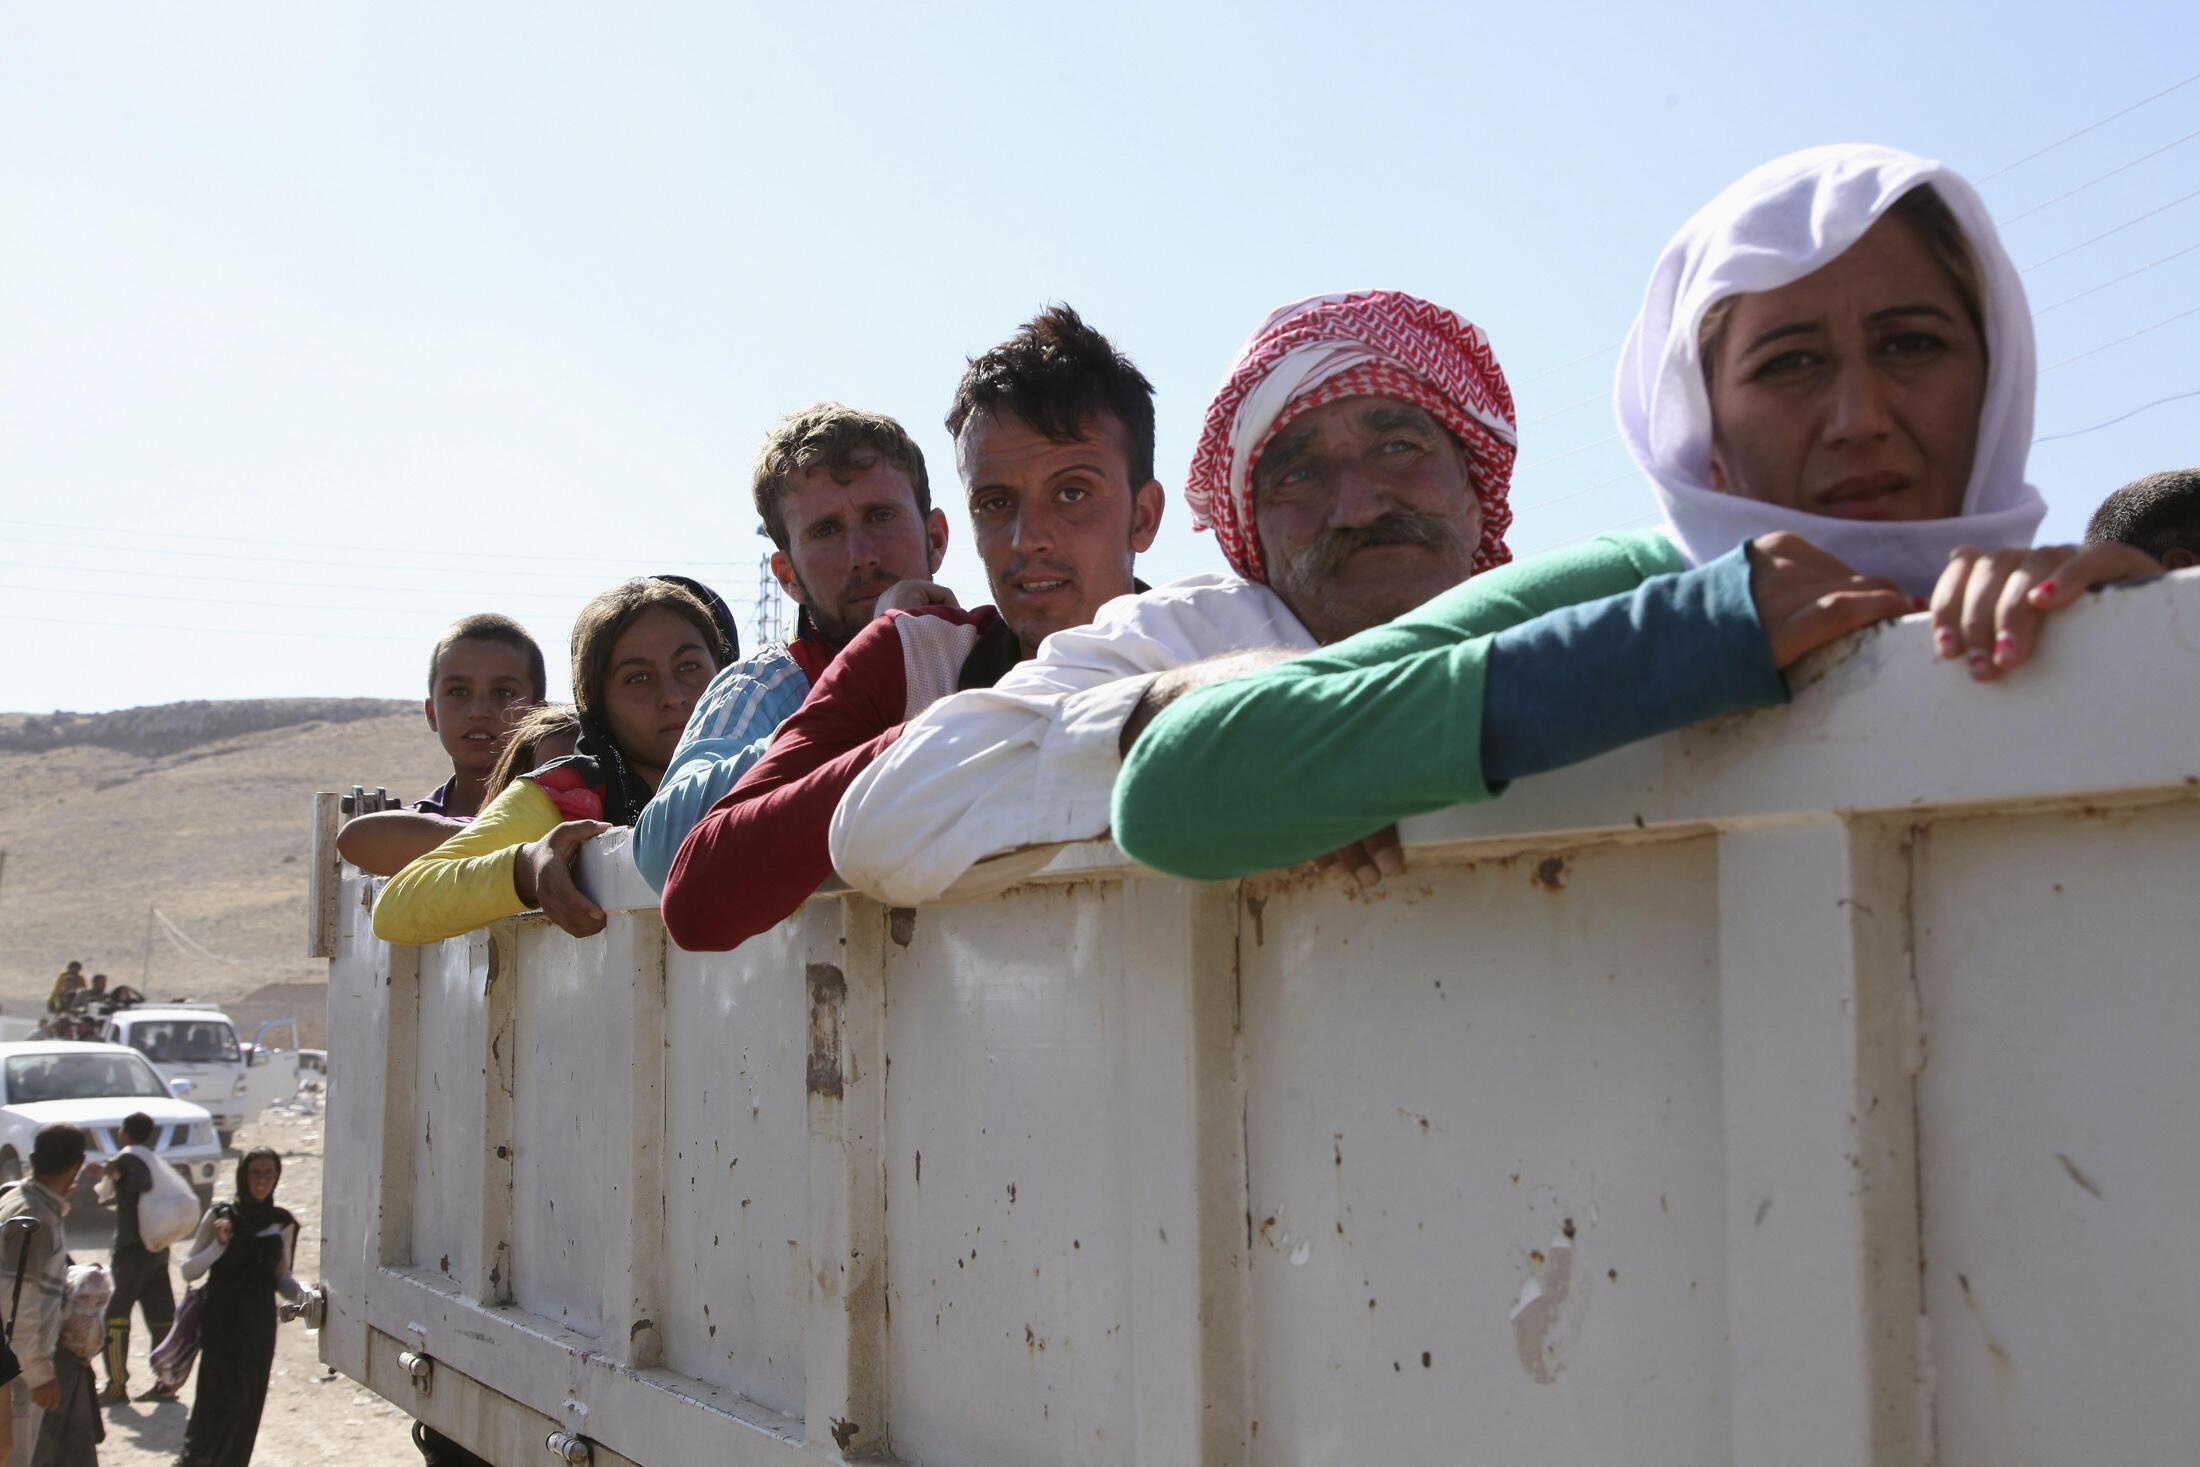 Cộng đồng thiểu số Yezidi di tản khỏi vùng Dohuk - REUTERS /Ari Jalal